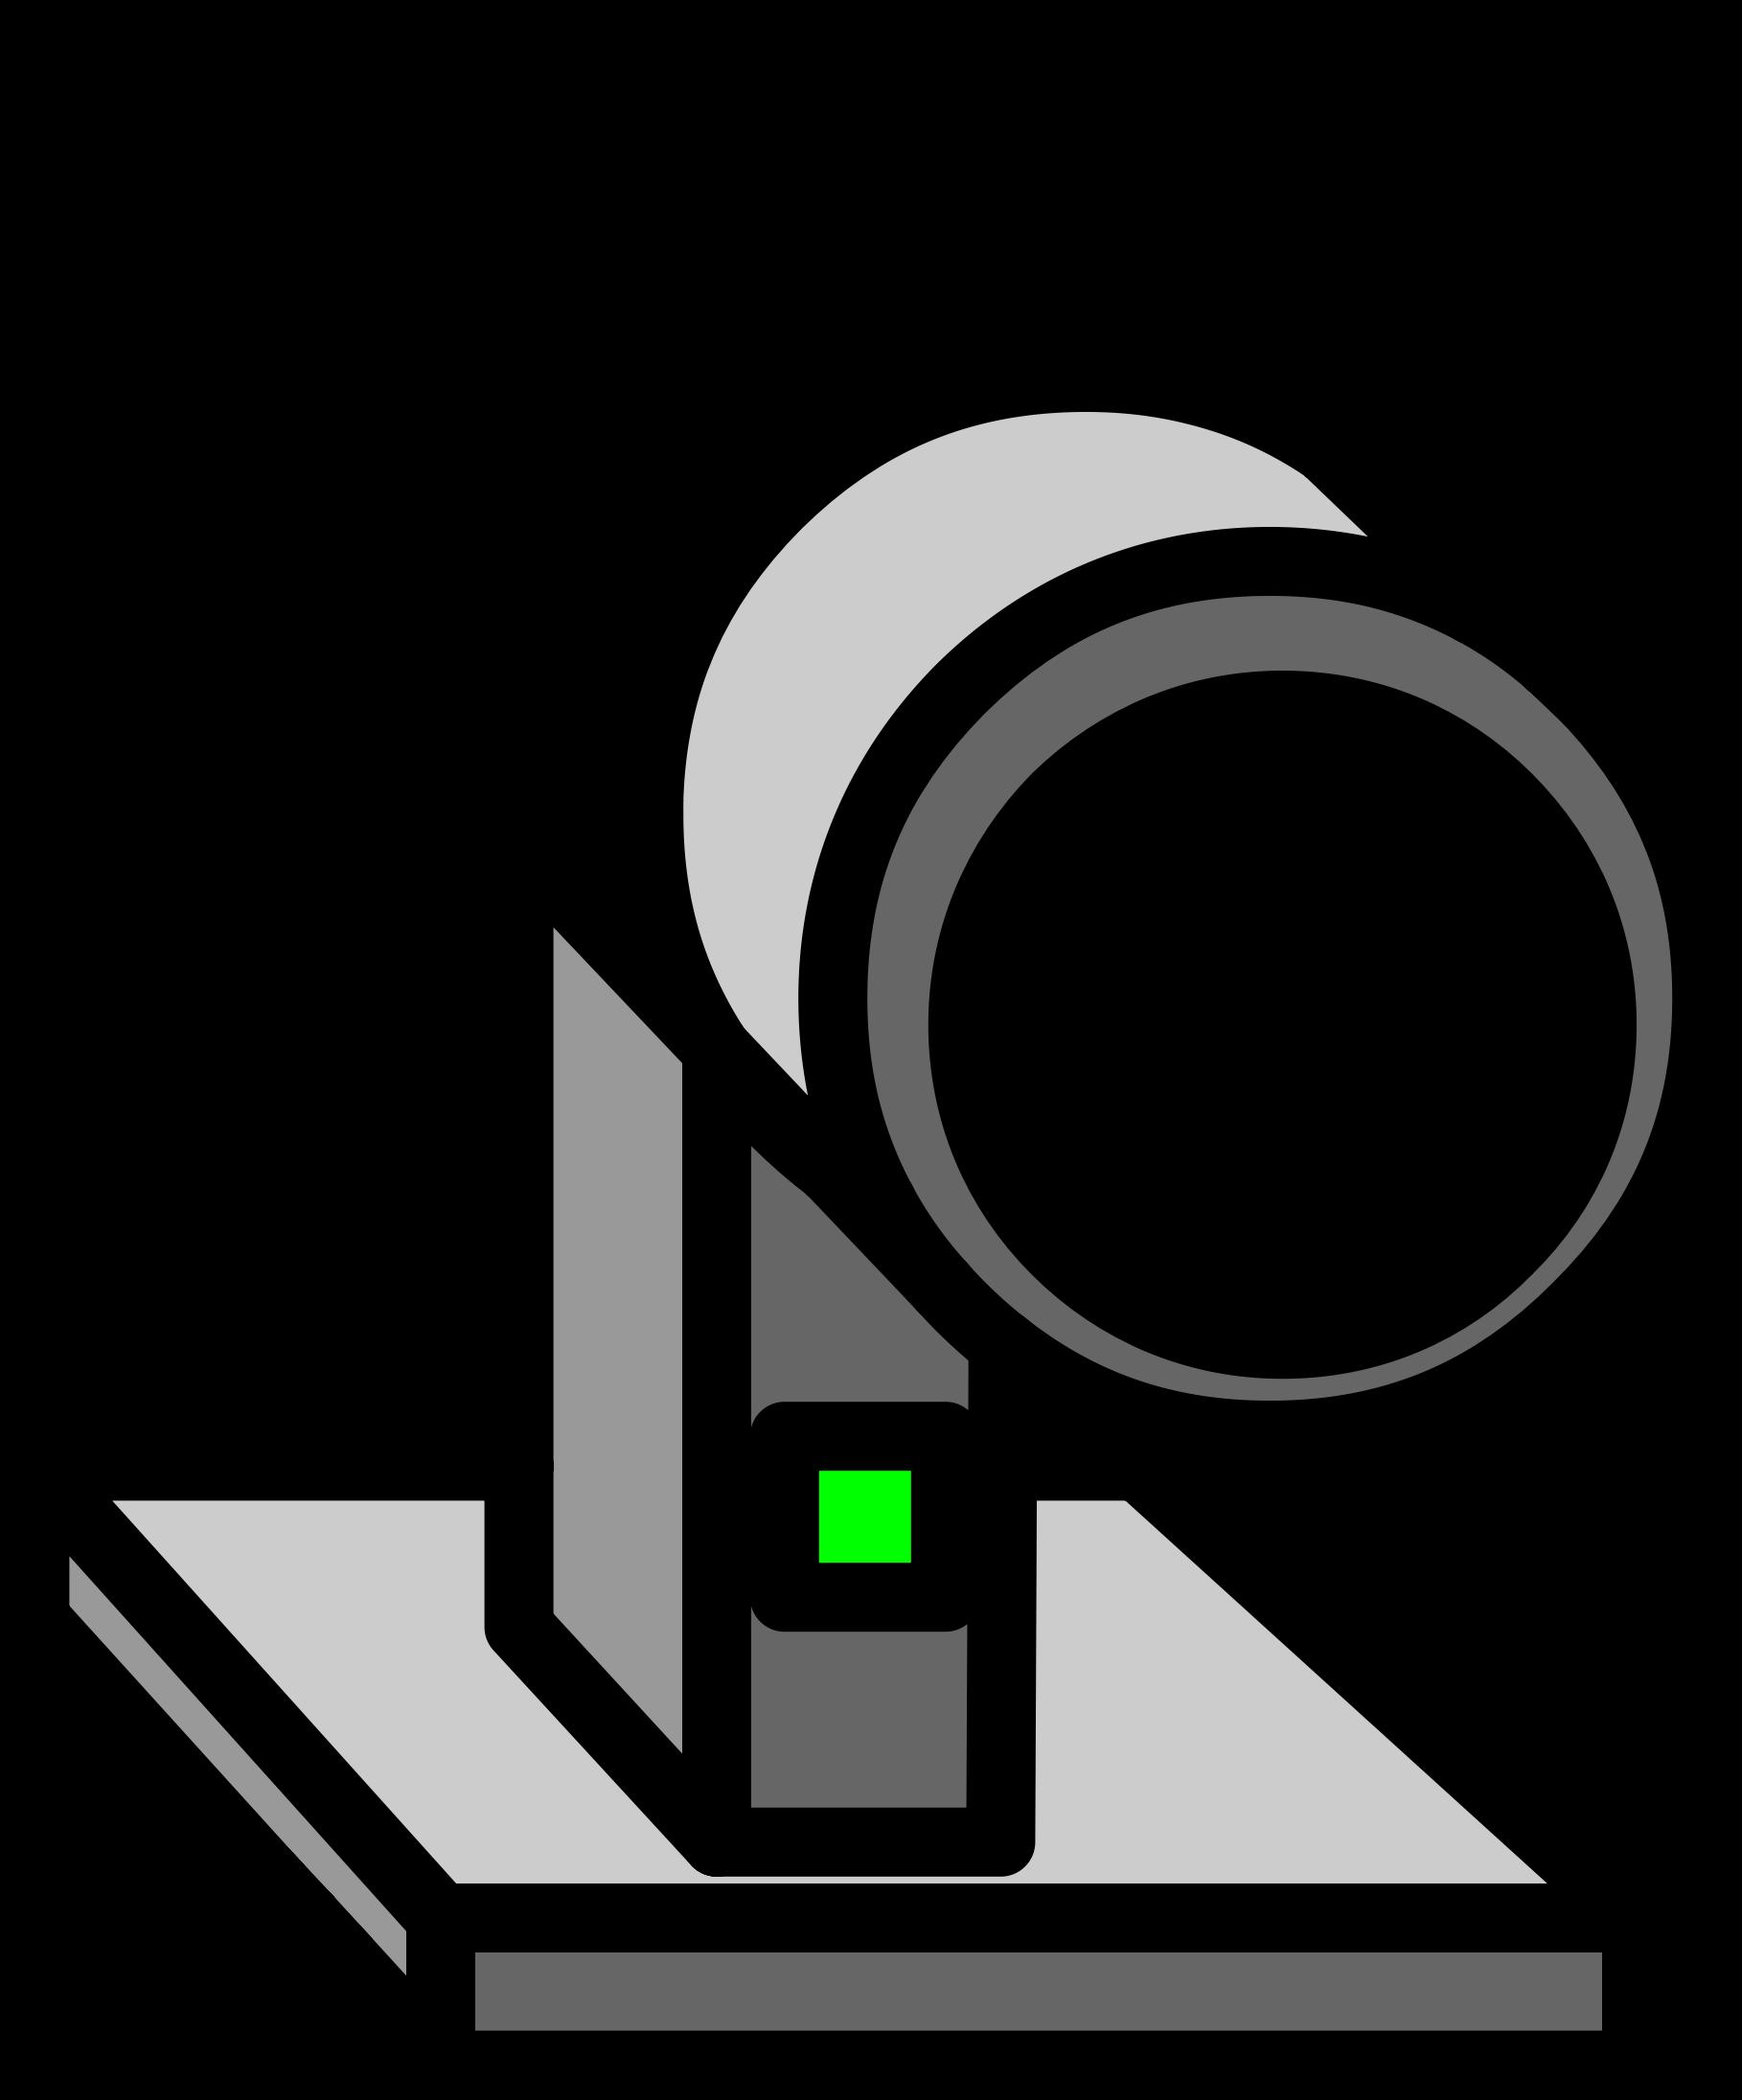 Cctv clipart transparent BIG USB Clipart Camera IMAGE